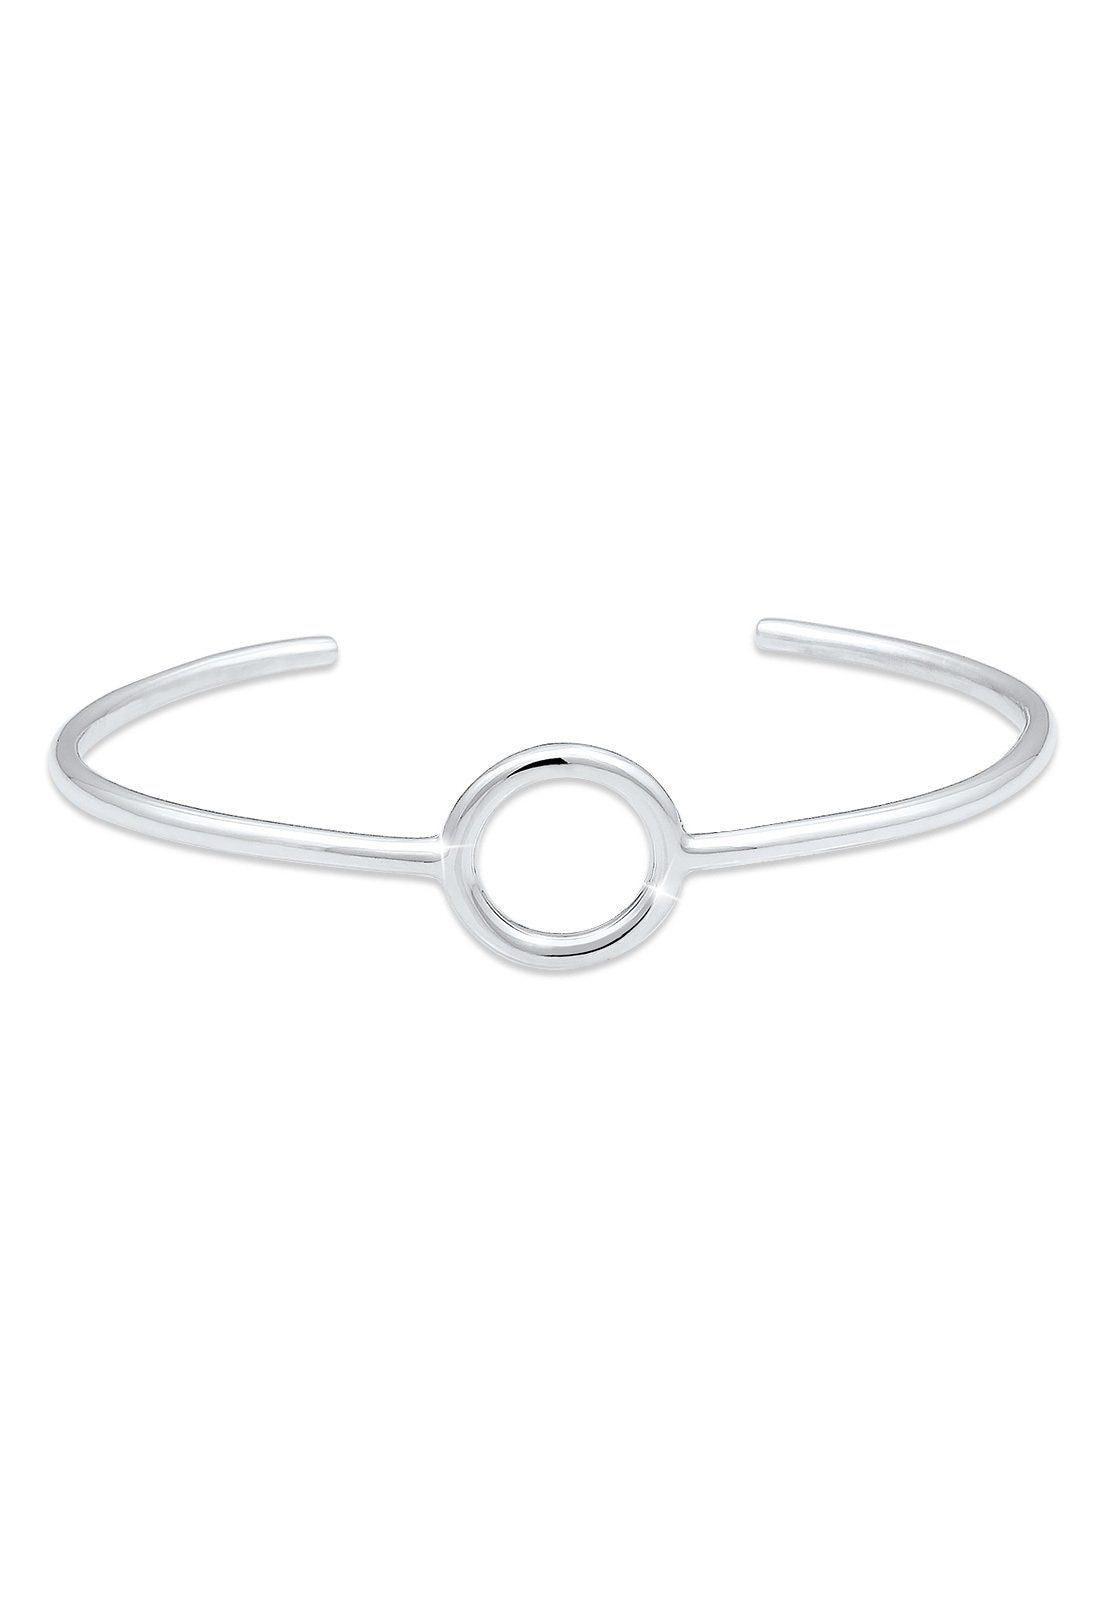 Elli Armreif Armreif Kreis Circle Geo Minimal Basic 925 Silber | Schmuck > Armbänder > Armreifen | Elli